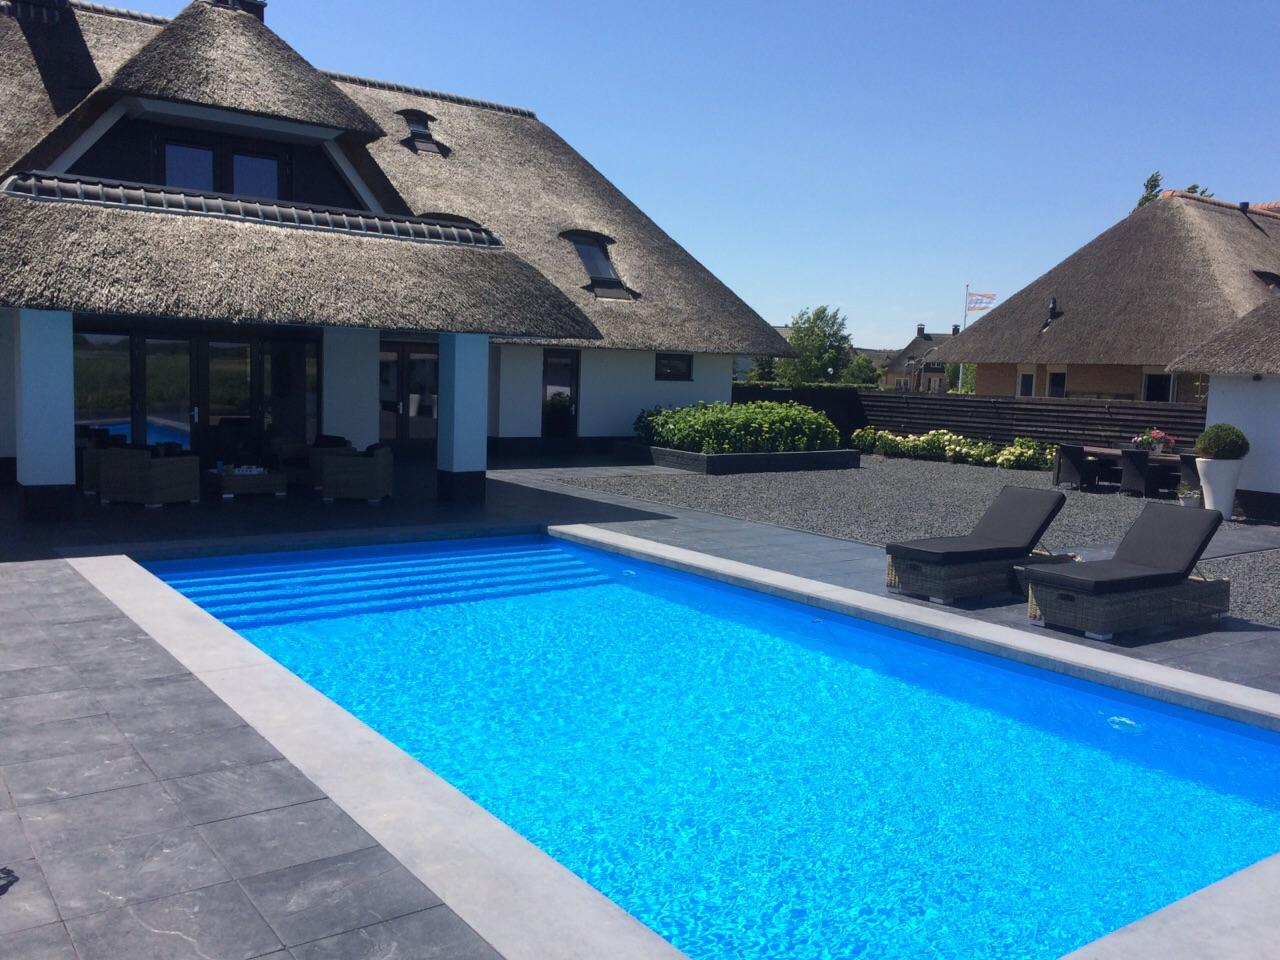 Inbouw zwembaden heerlijk thuis genieten for Inbouw zwembad compleet